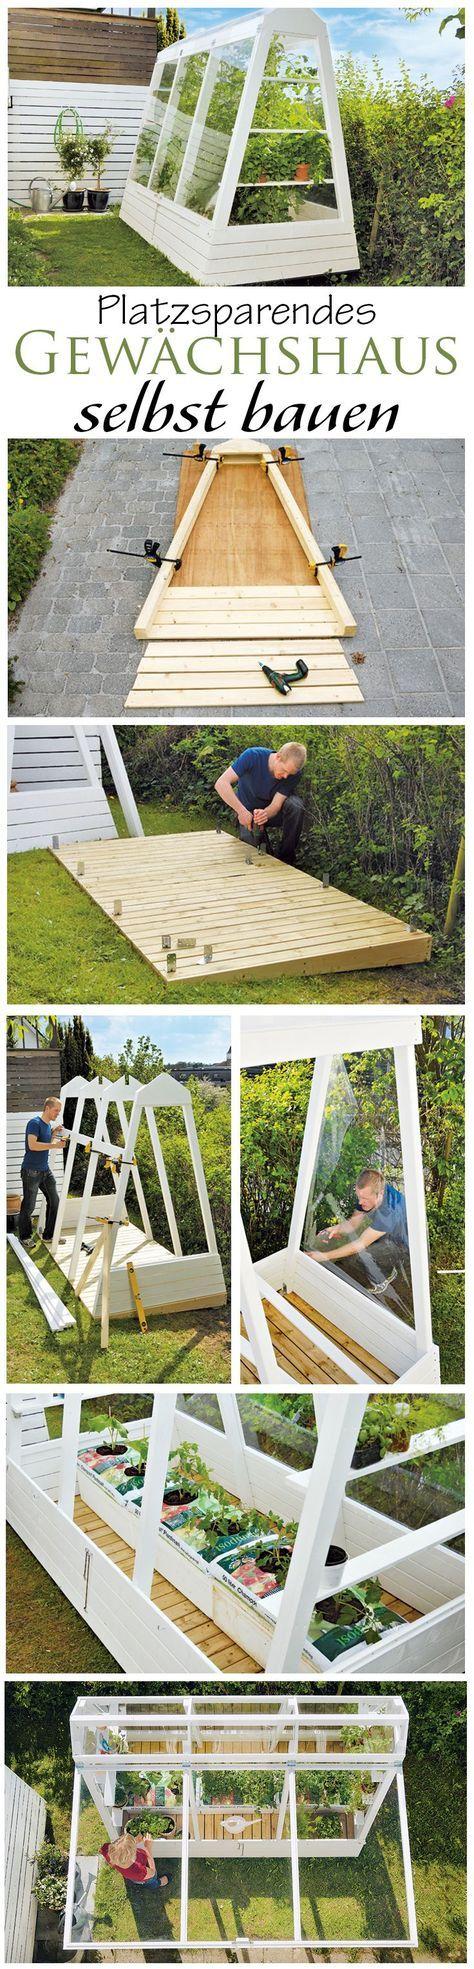 Ein Gewächshaus muss nicht immer riesengroß sein. Wir zeigen den Bau eines platzsparenden Gewächshauses, welches auch in kleinen Gärten einen Platz fin